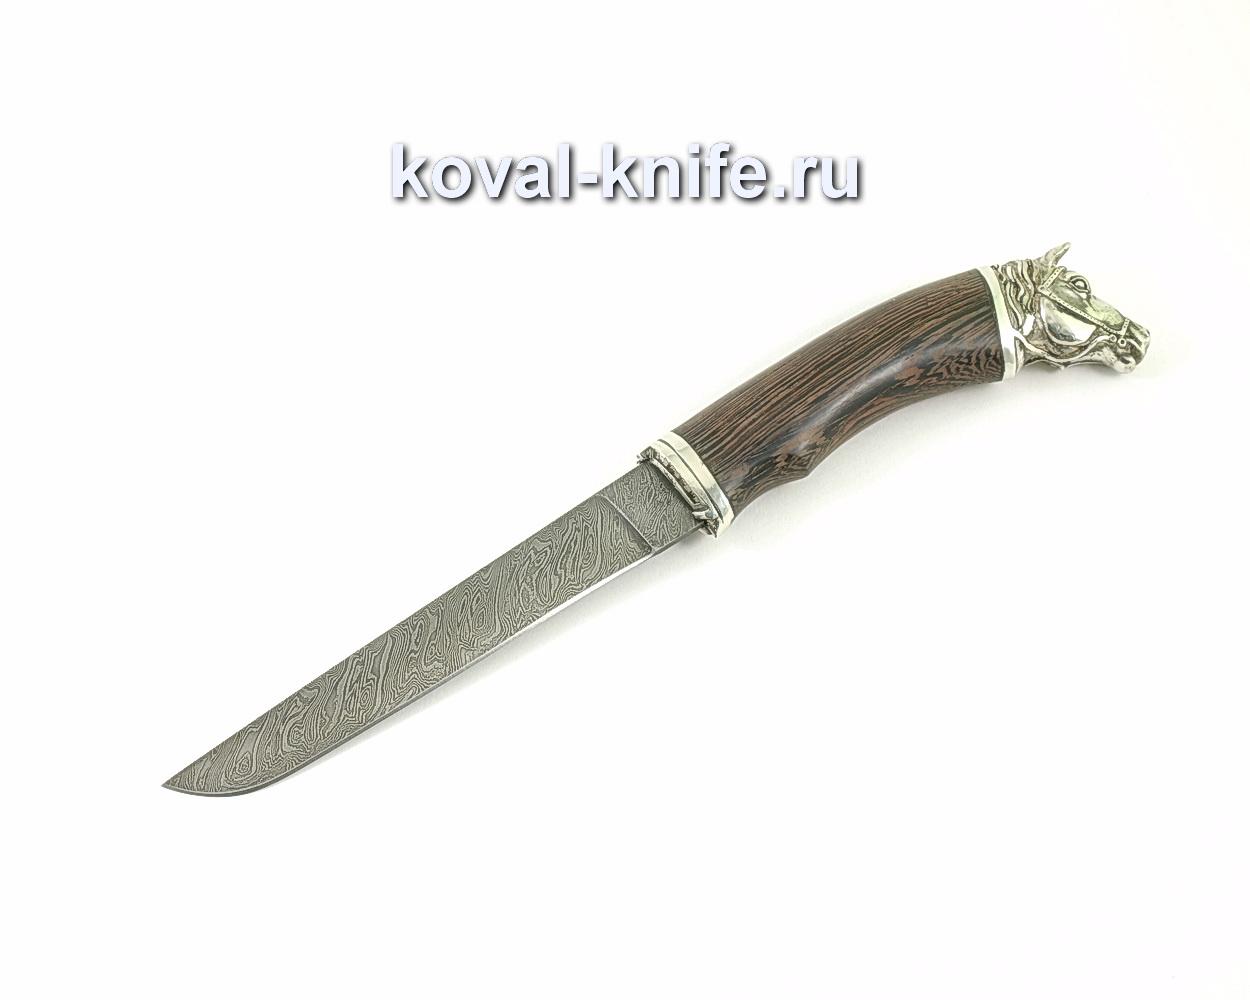 Нож из дамасской стали Волк (венге, литье мельхиор) A324